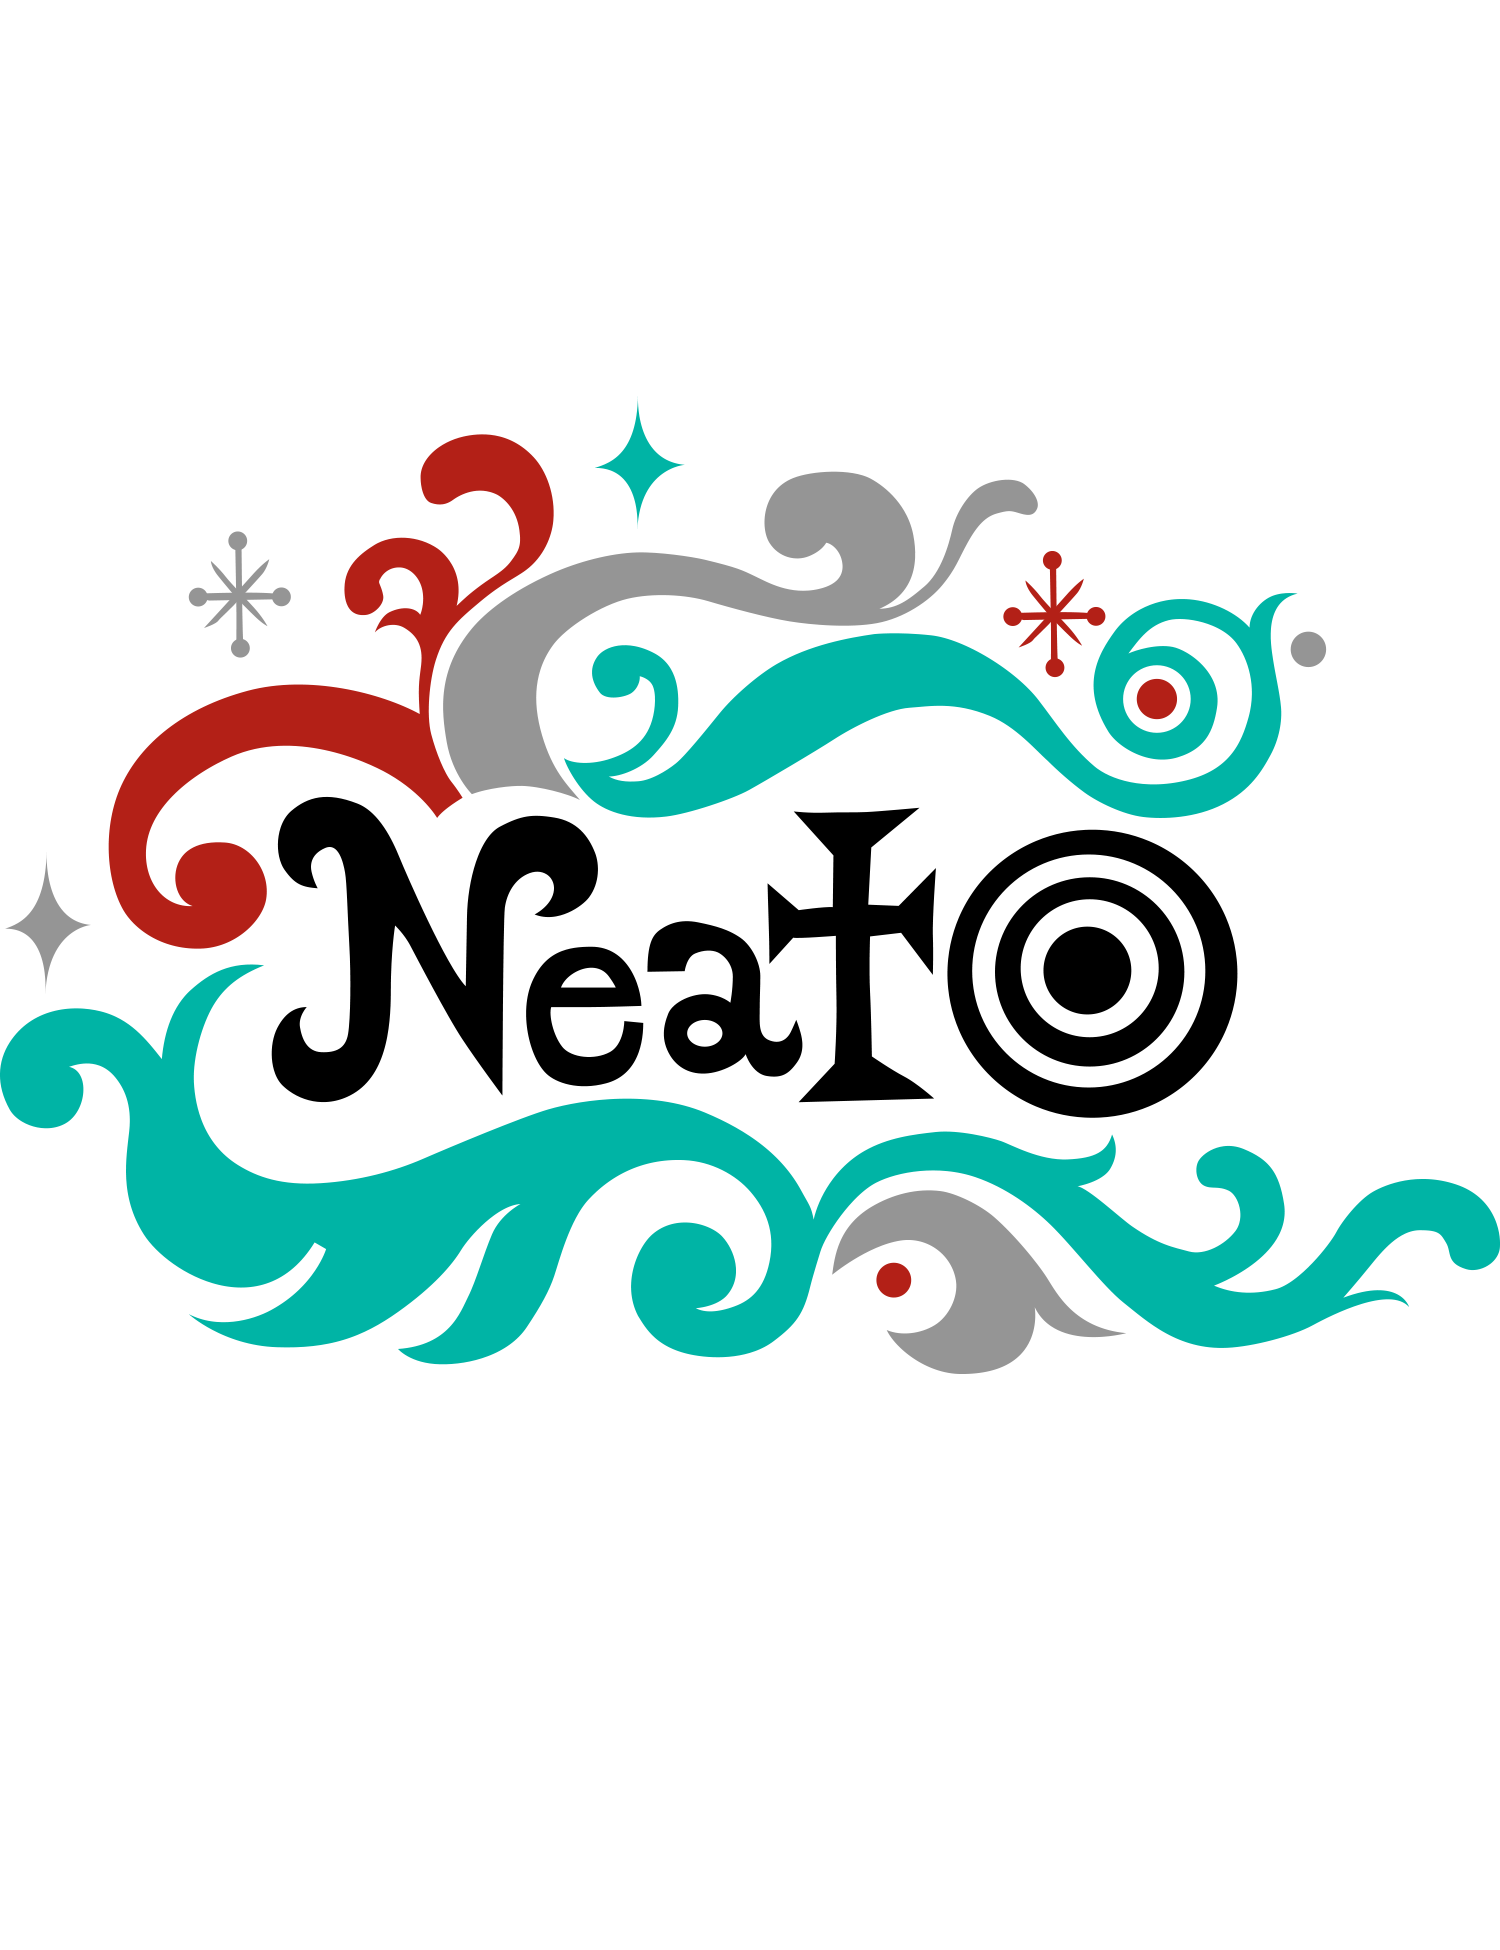 neato_type_andi_bird.png